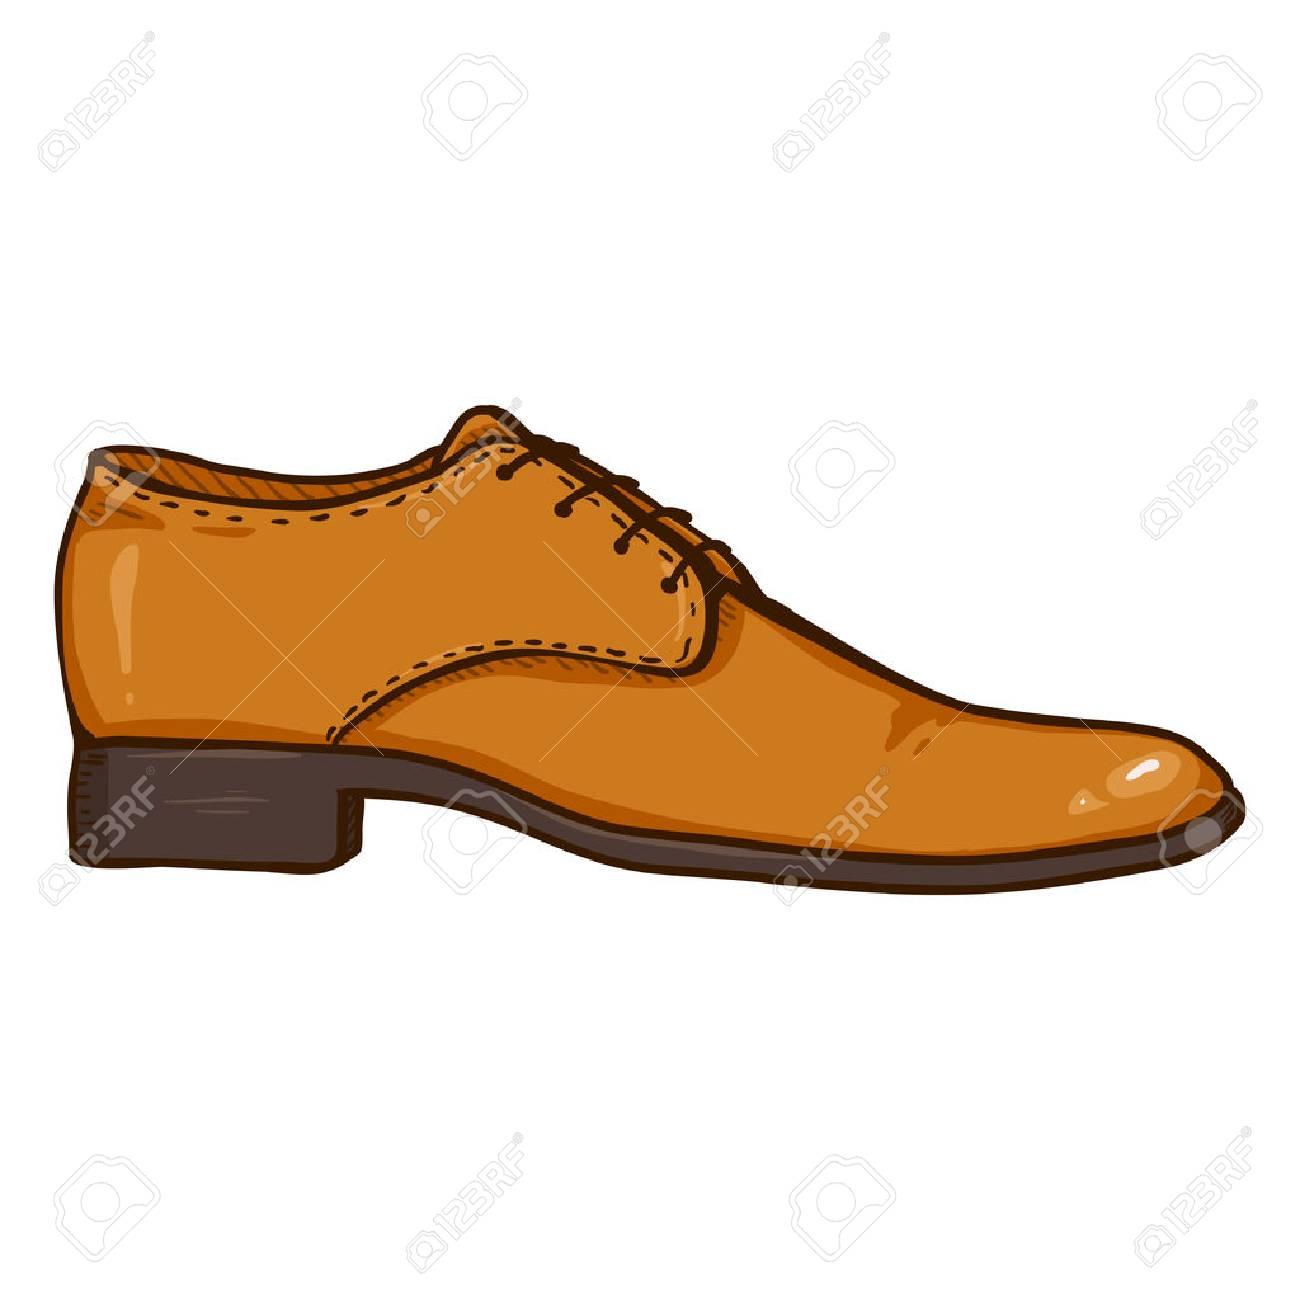 Marrón Ver Animados Shoe Ilustración De Vectores Cuero Zapatos side Dibujos wPiTOlukXZ